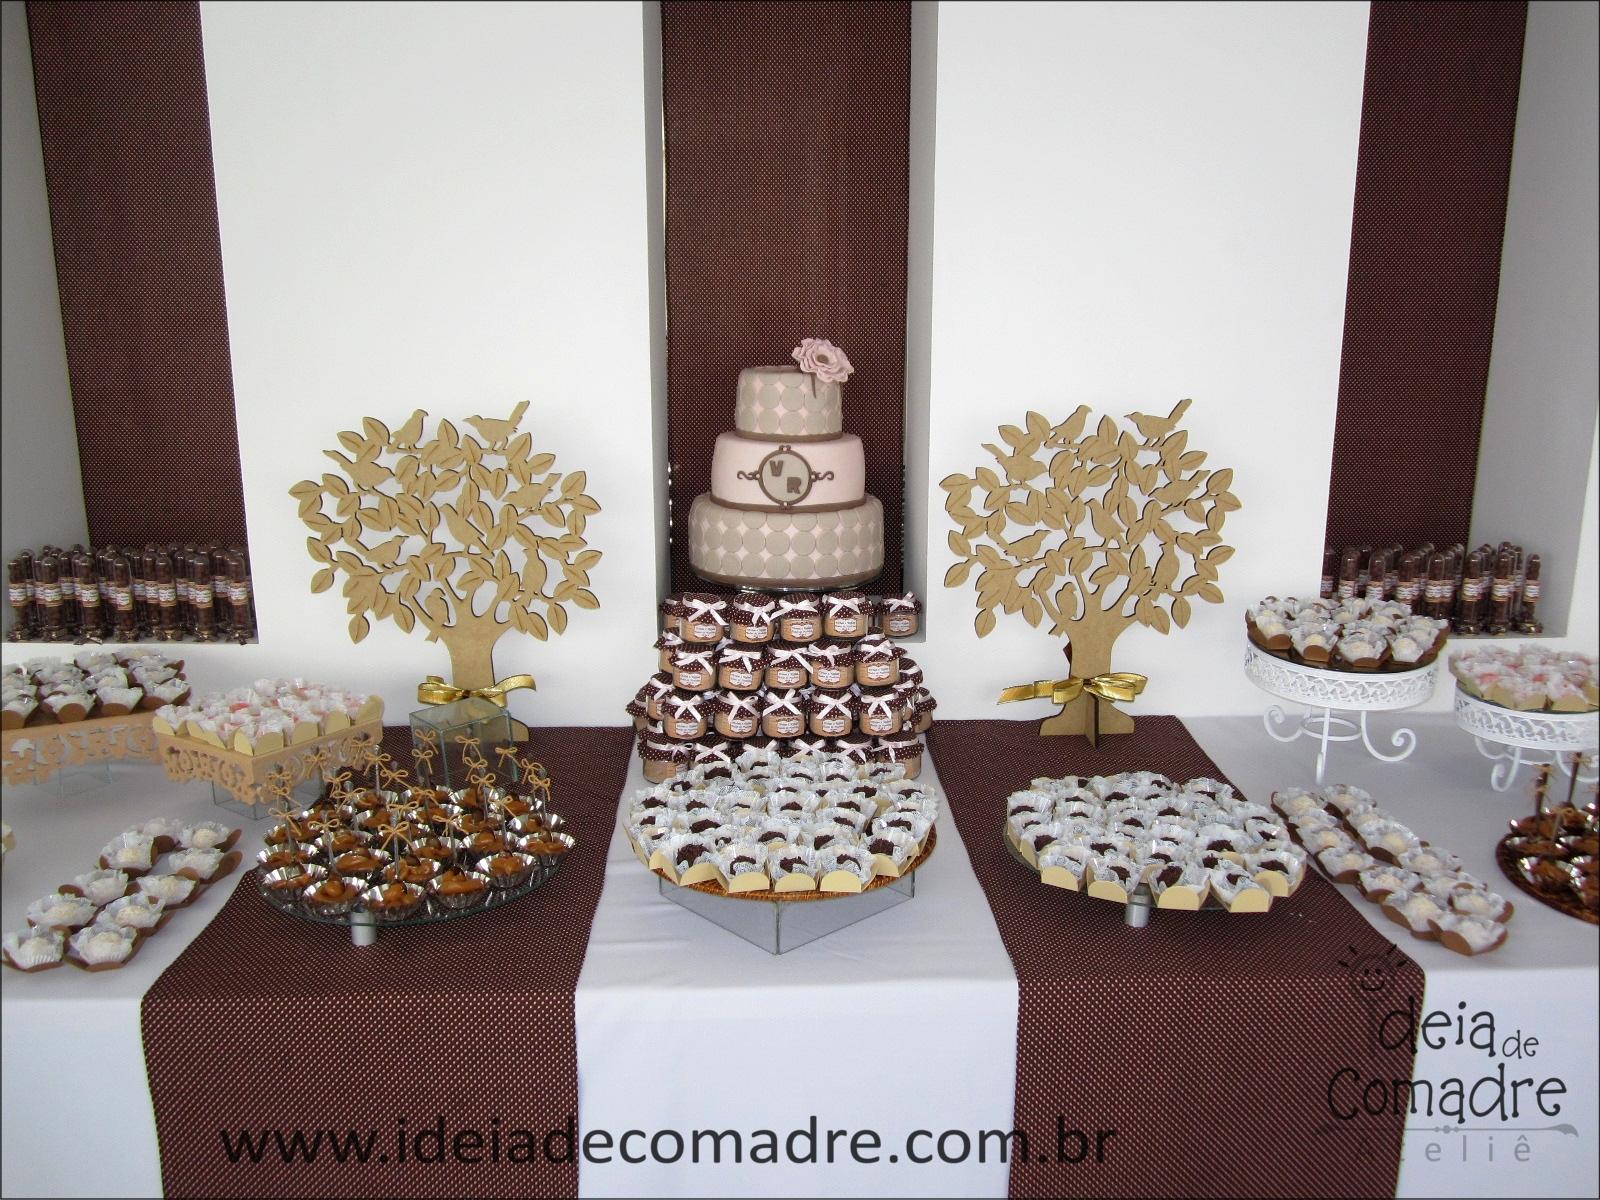 Bodas de Casamento: Decoração bodas de Oliveira e Madeira #5D3D34 1600x1200